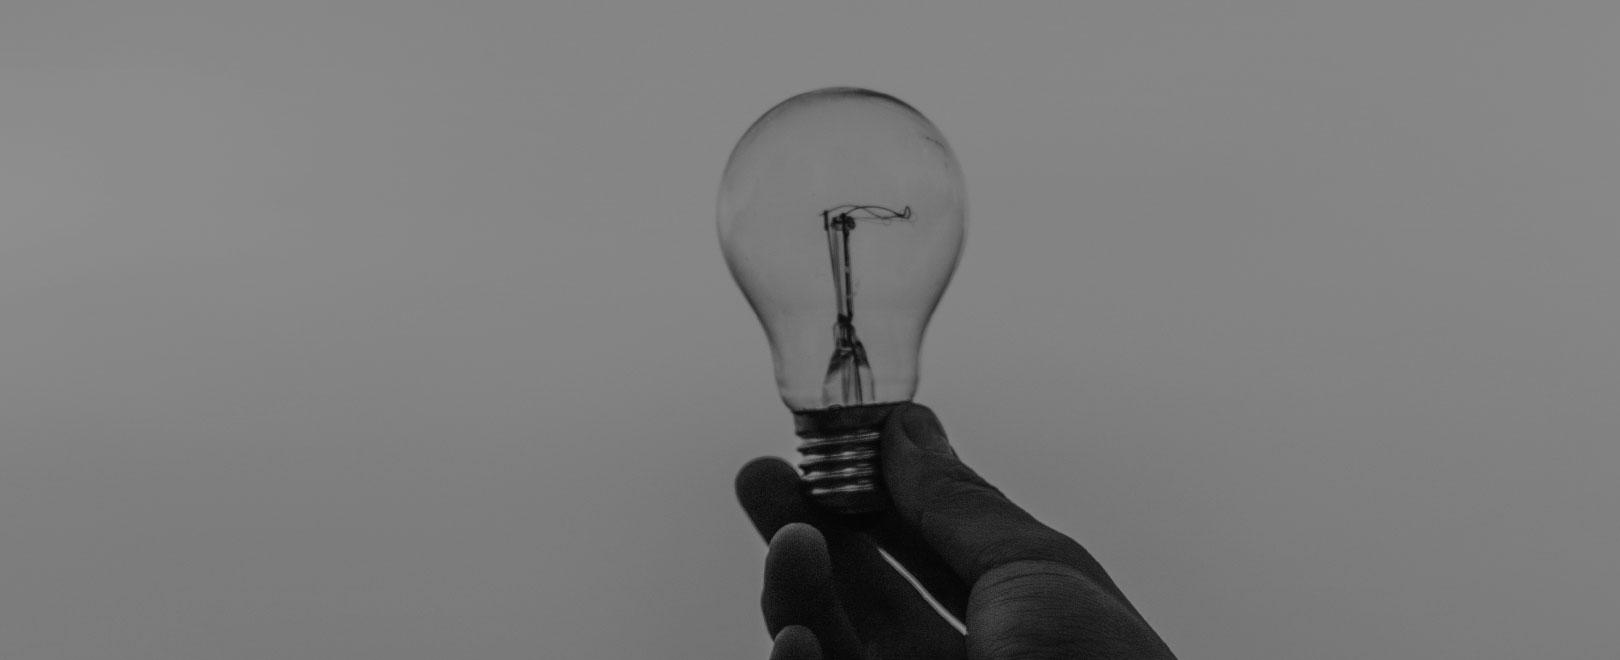 Définition : Qu'est-ce que l'Internet des Objets (IoT)?